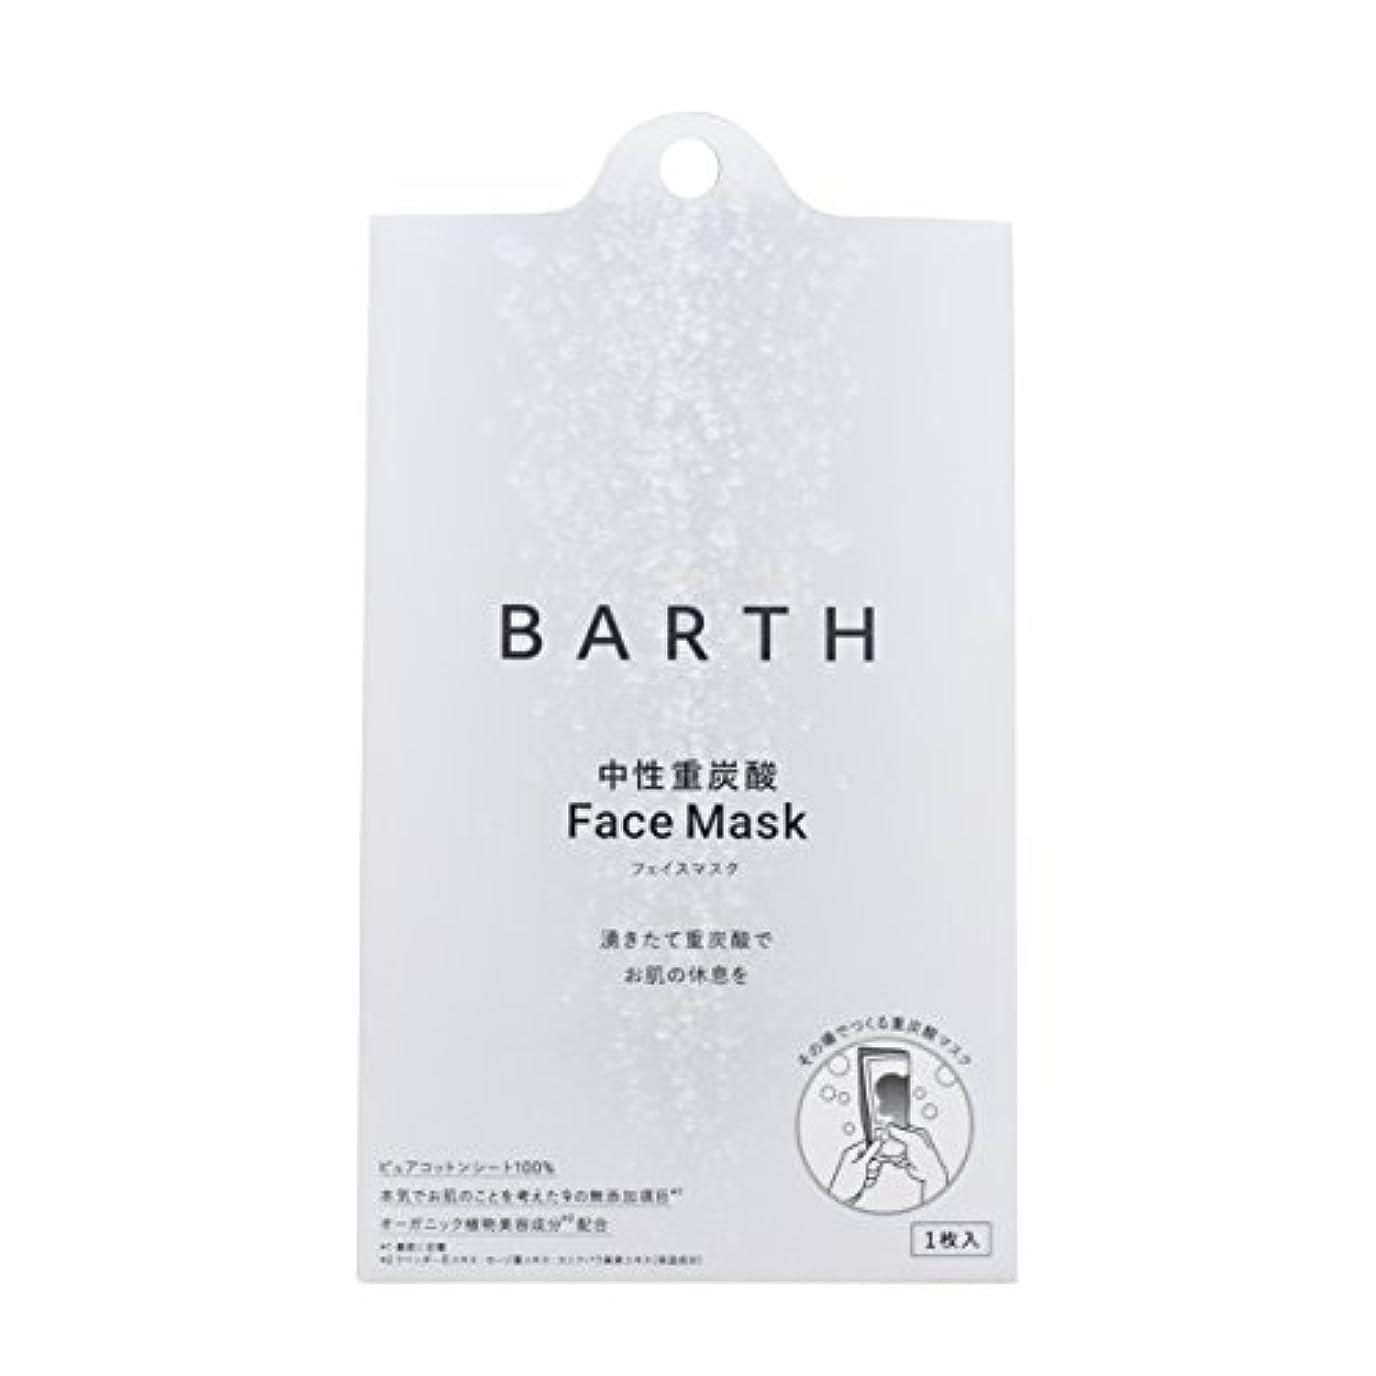 なめらか更新不安BARTH【バース】 中性 重炭酸 フェイスマスク (無添加 日本製 ピュアコットン 100% オーガニック植物美容成分3種入り) (1包入り)